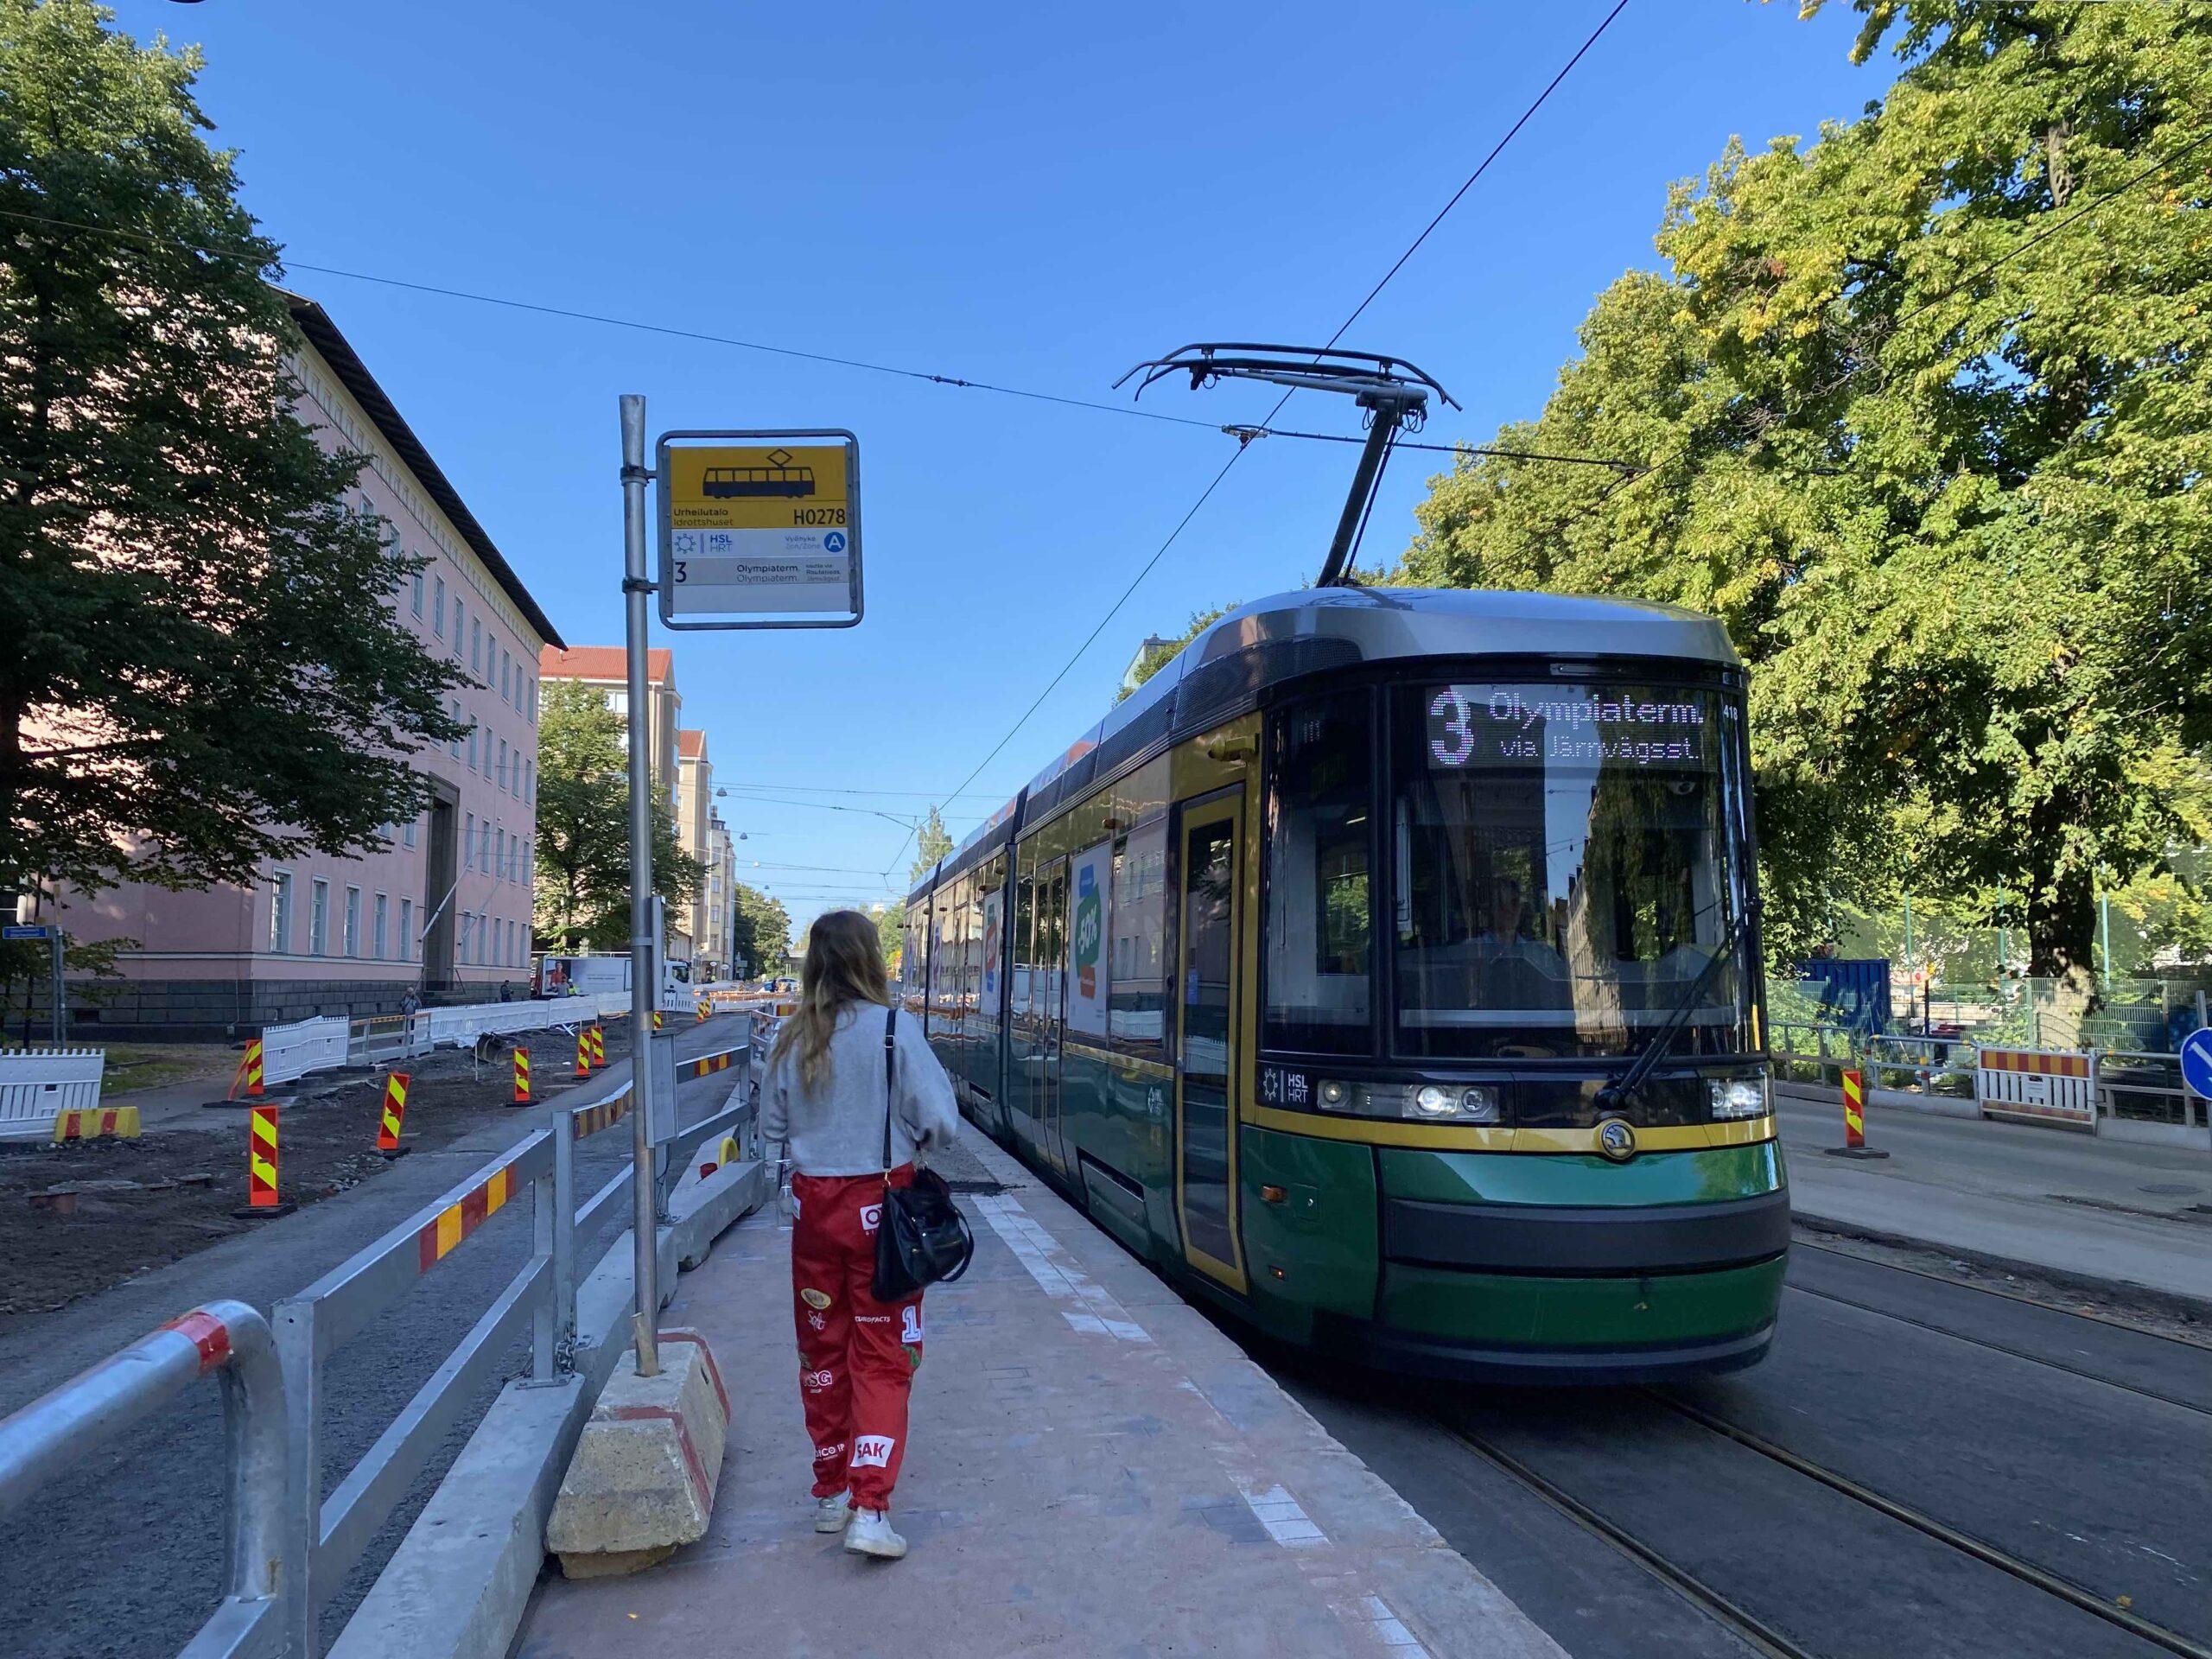 Raitiovaunu 3 uudella Urheilutalon pysäkillä Helsinginkadulla